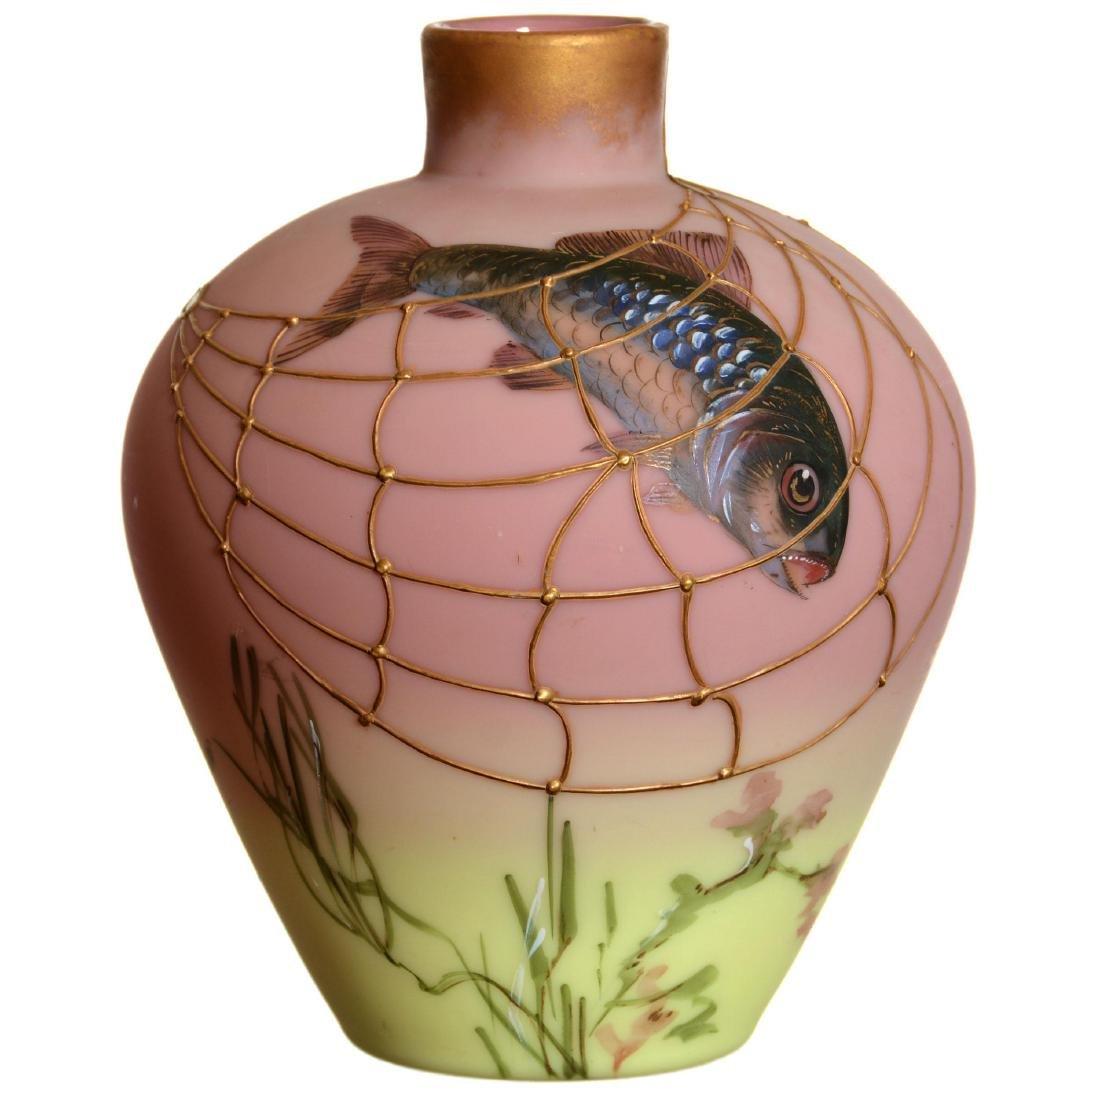 Mt. Washington Decorated Burmese Art Glass Vase